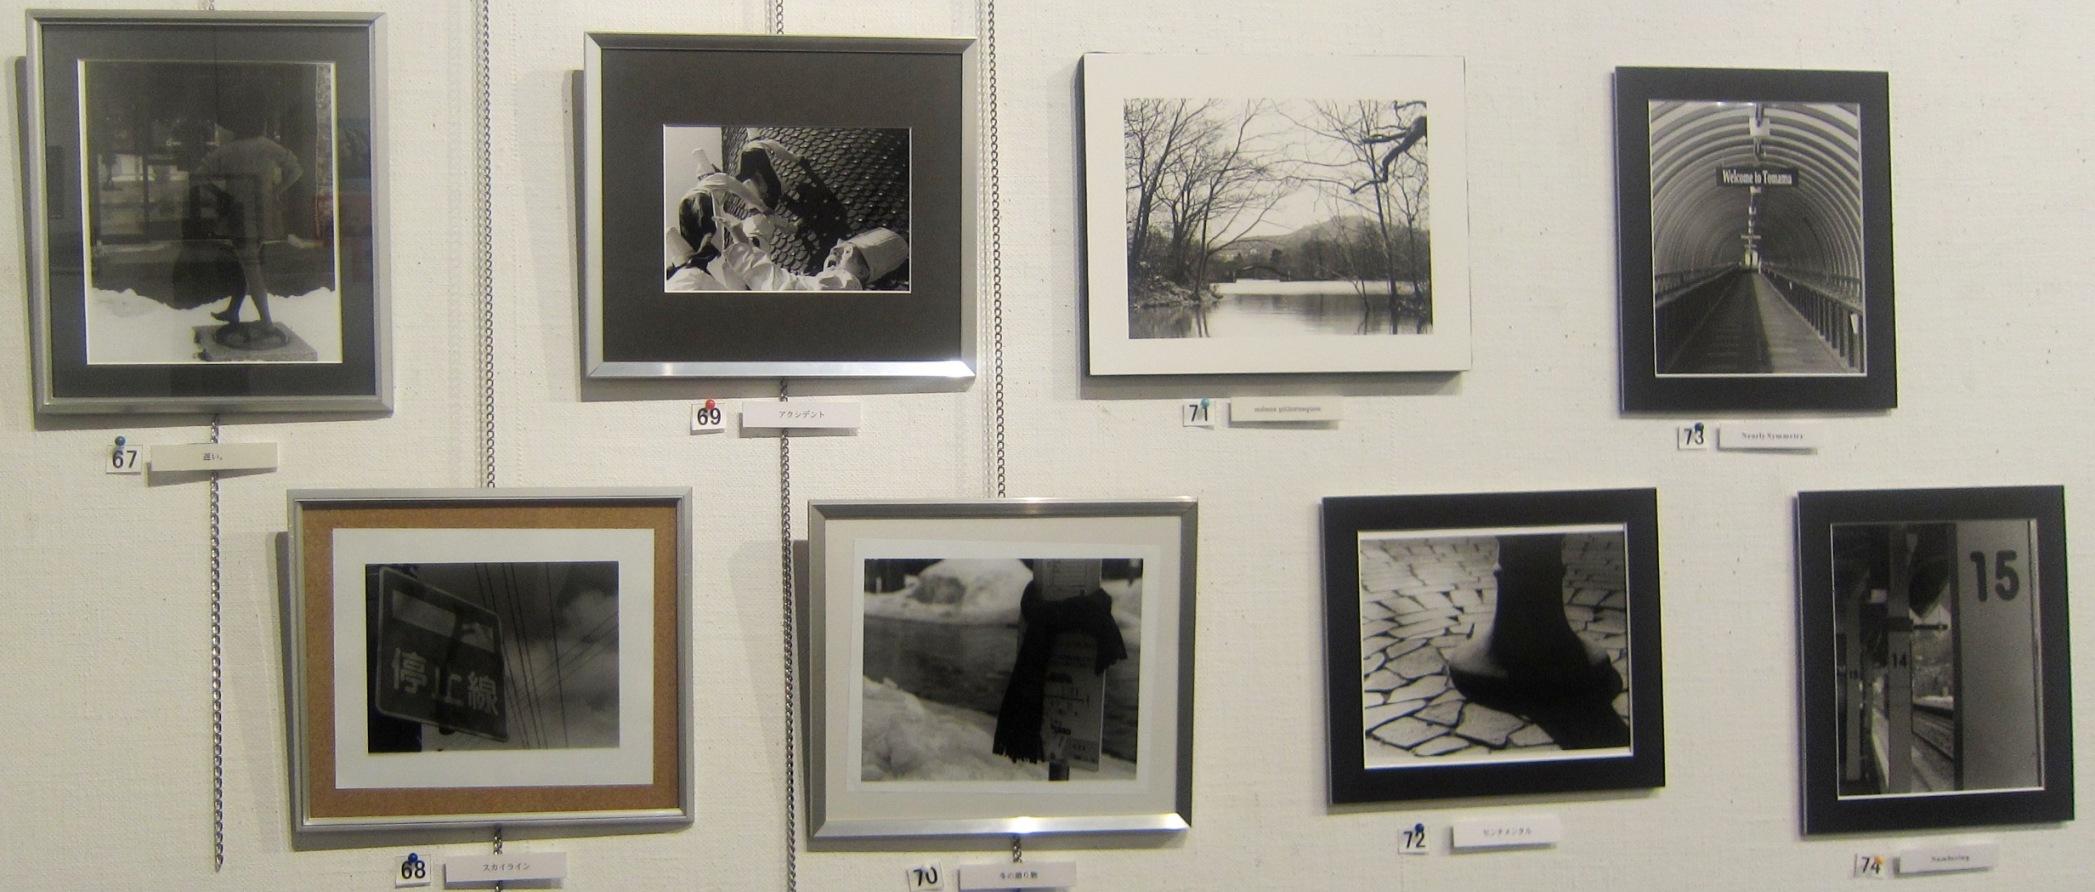 1944)②「札幌大学写真部 卒業写真展 & 学外写真展」 市民g. 終了2月20日(水)~2月24日(日) _f0126829_1154134.jpg